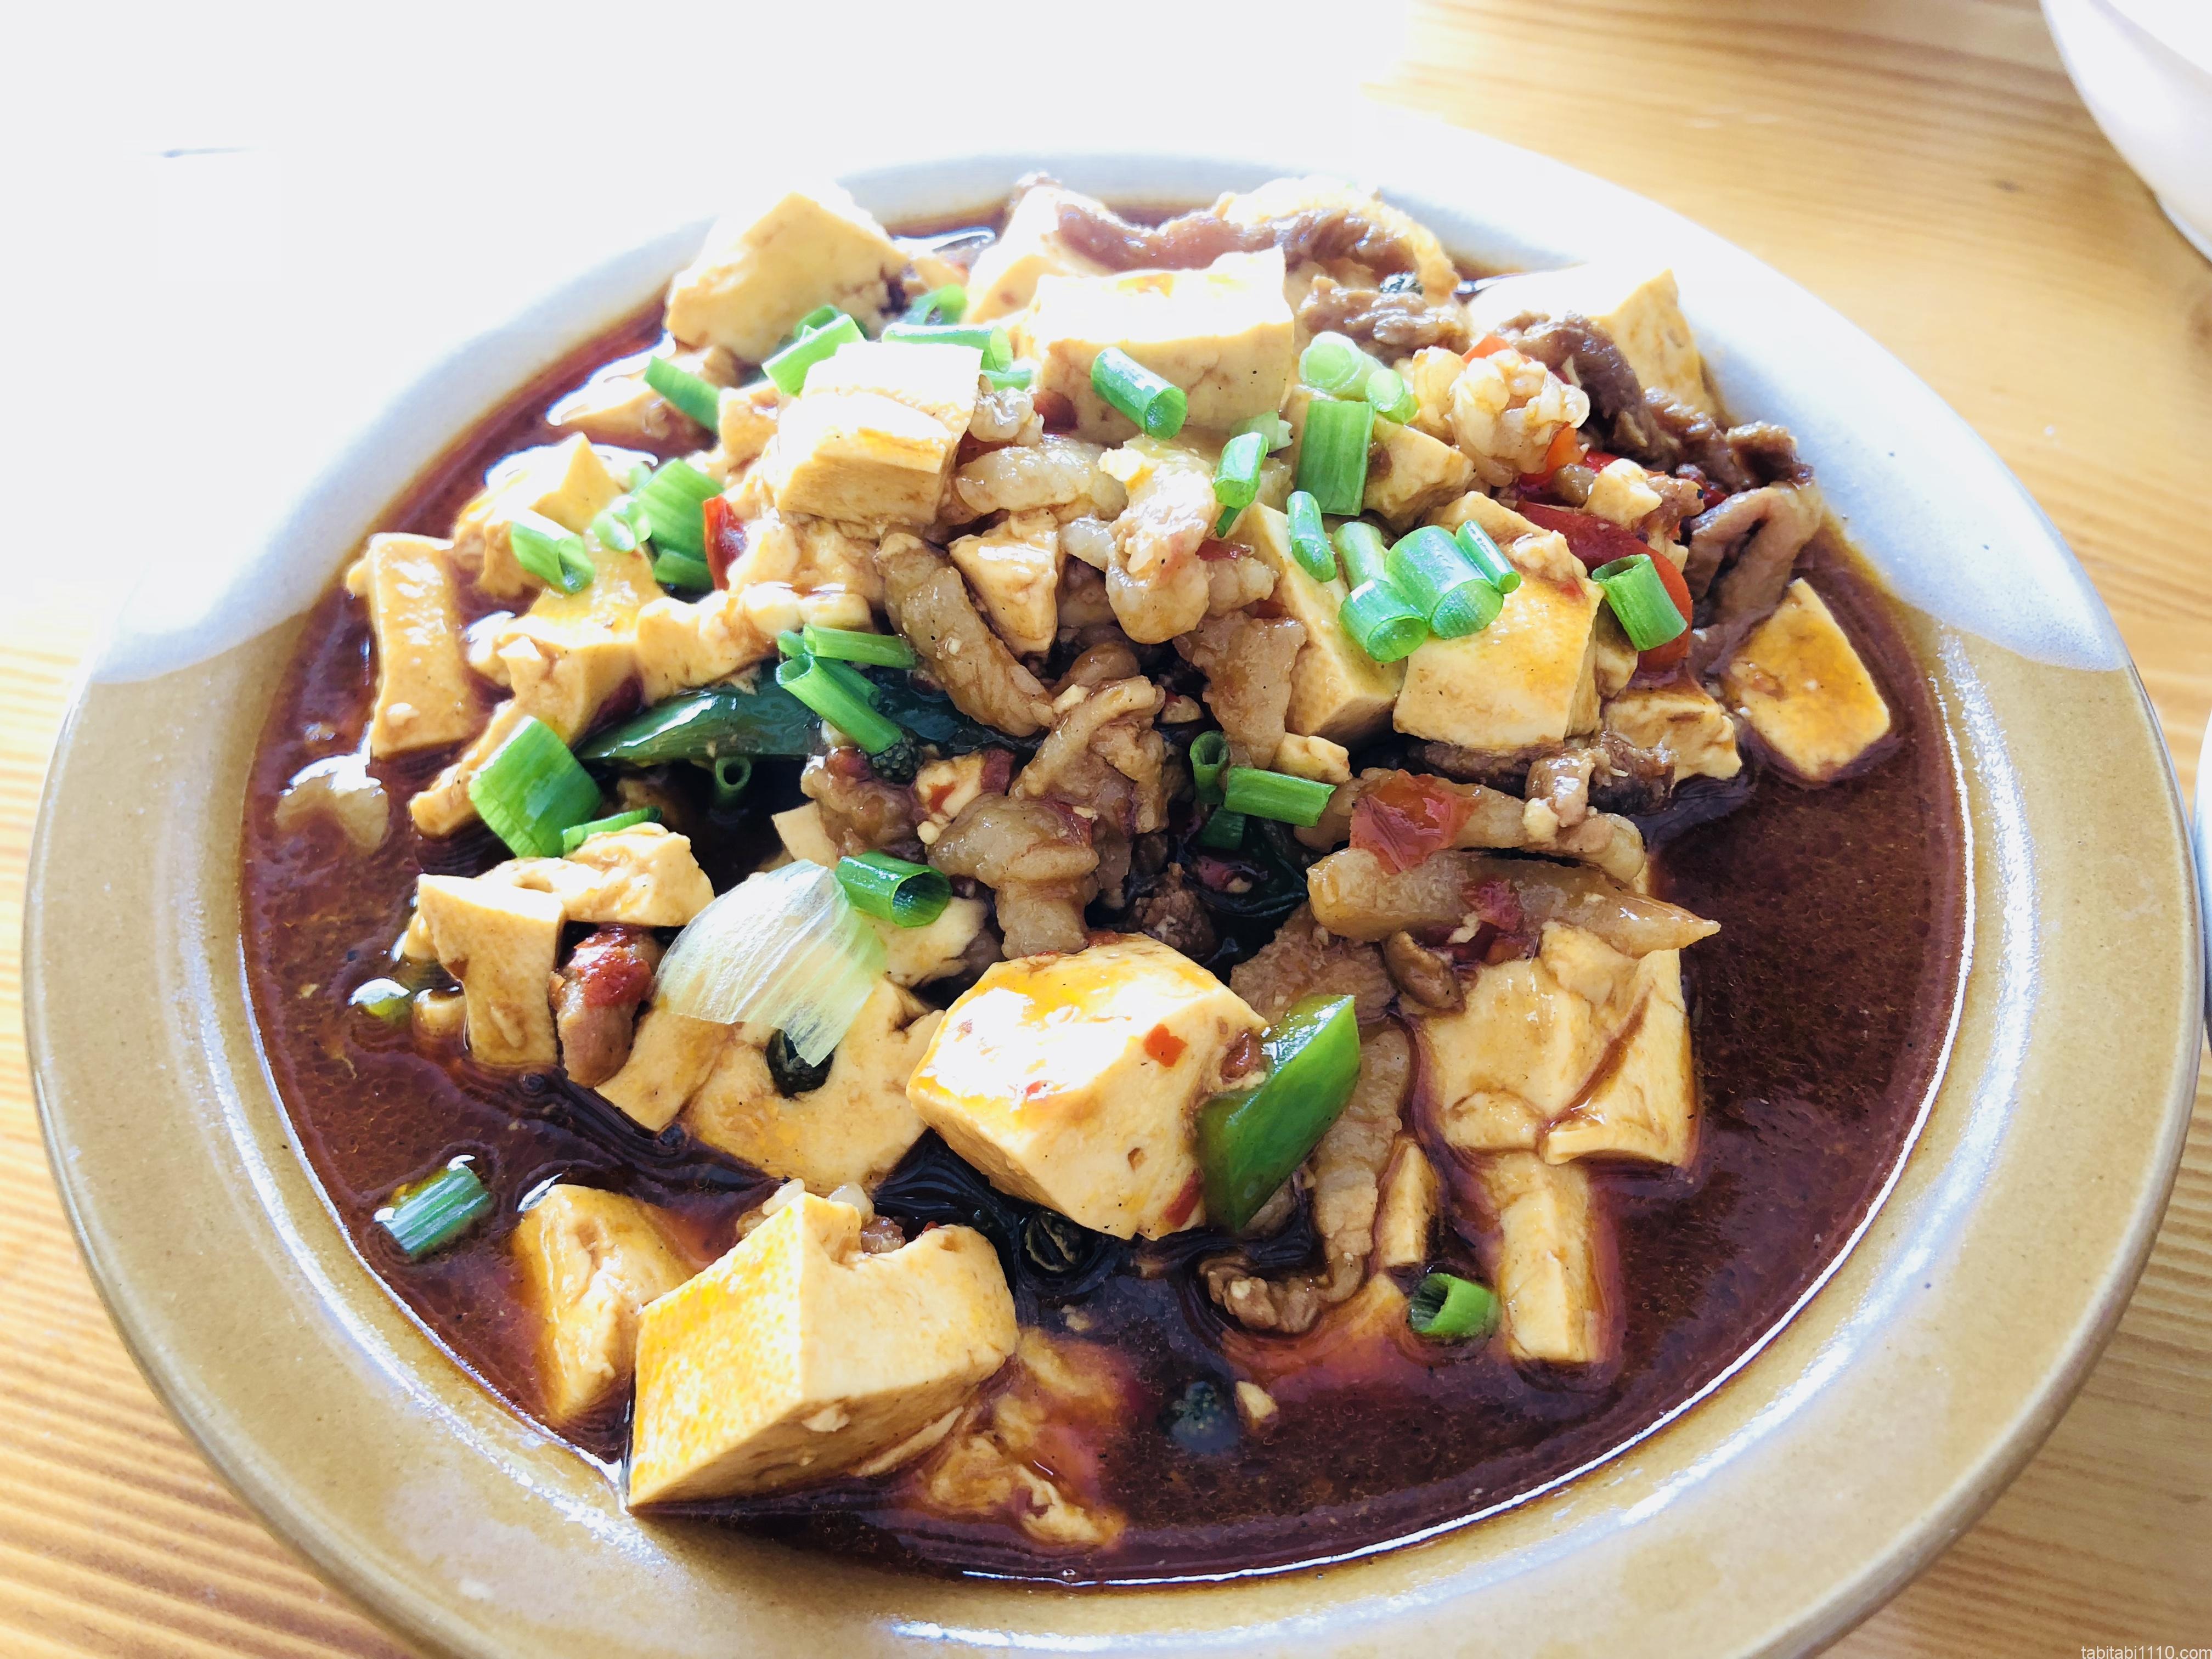 武陵源の食事|おすすめ中華料理店『牛灰汁』の麻婆豆腐